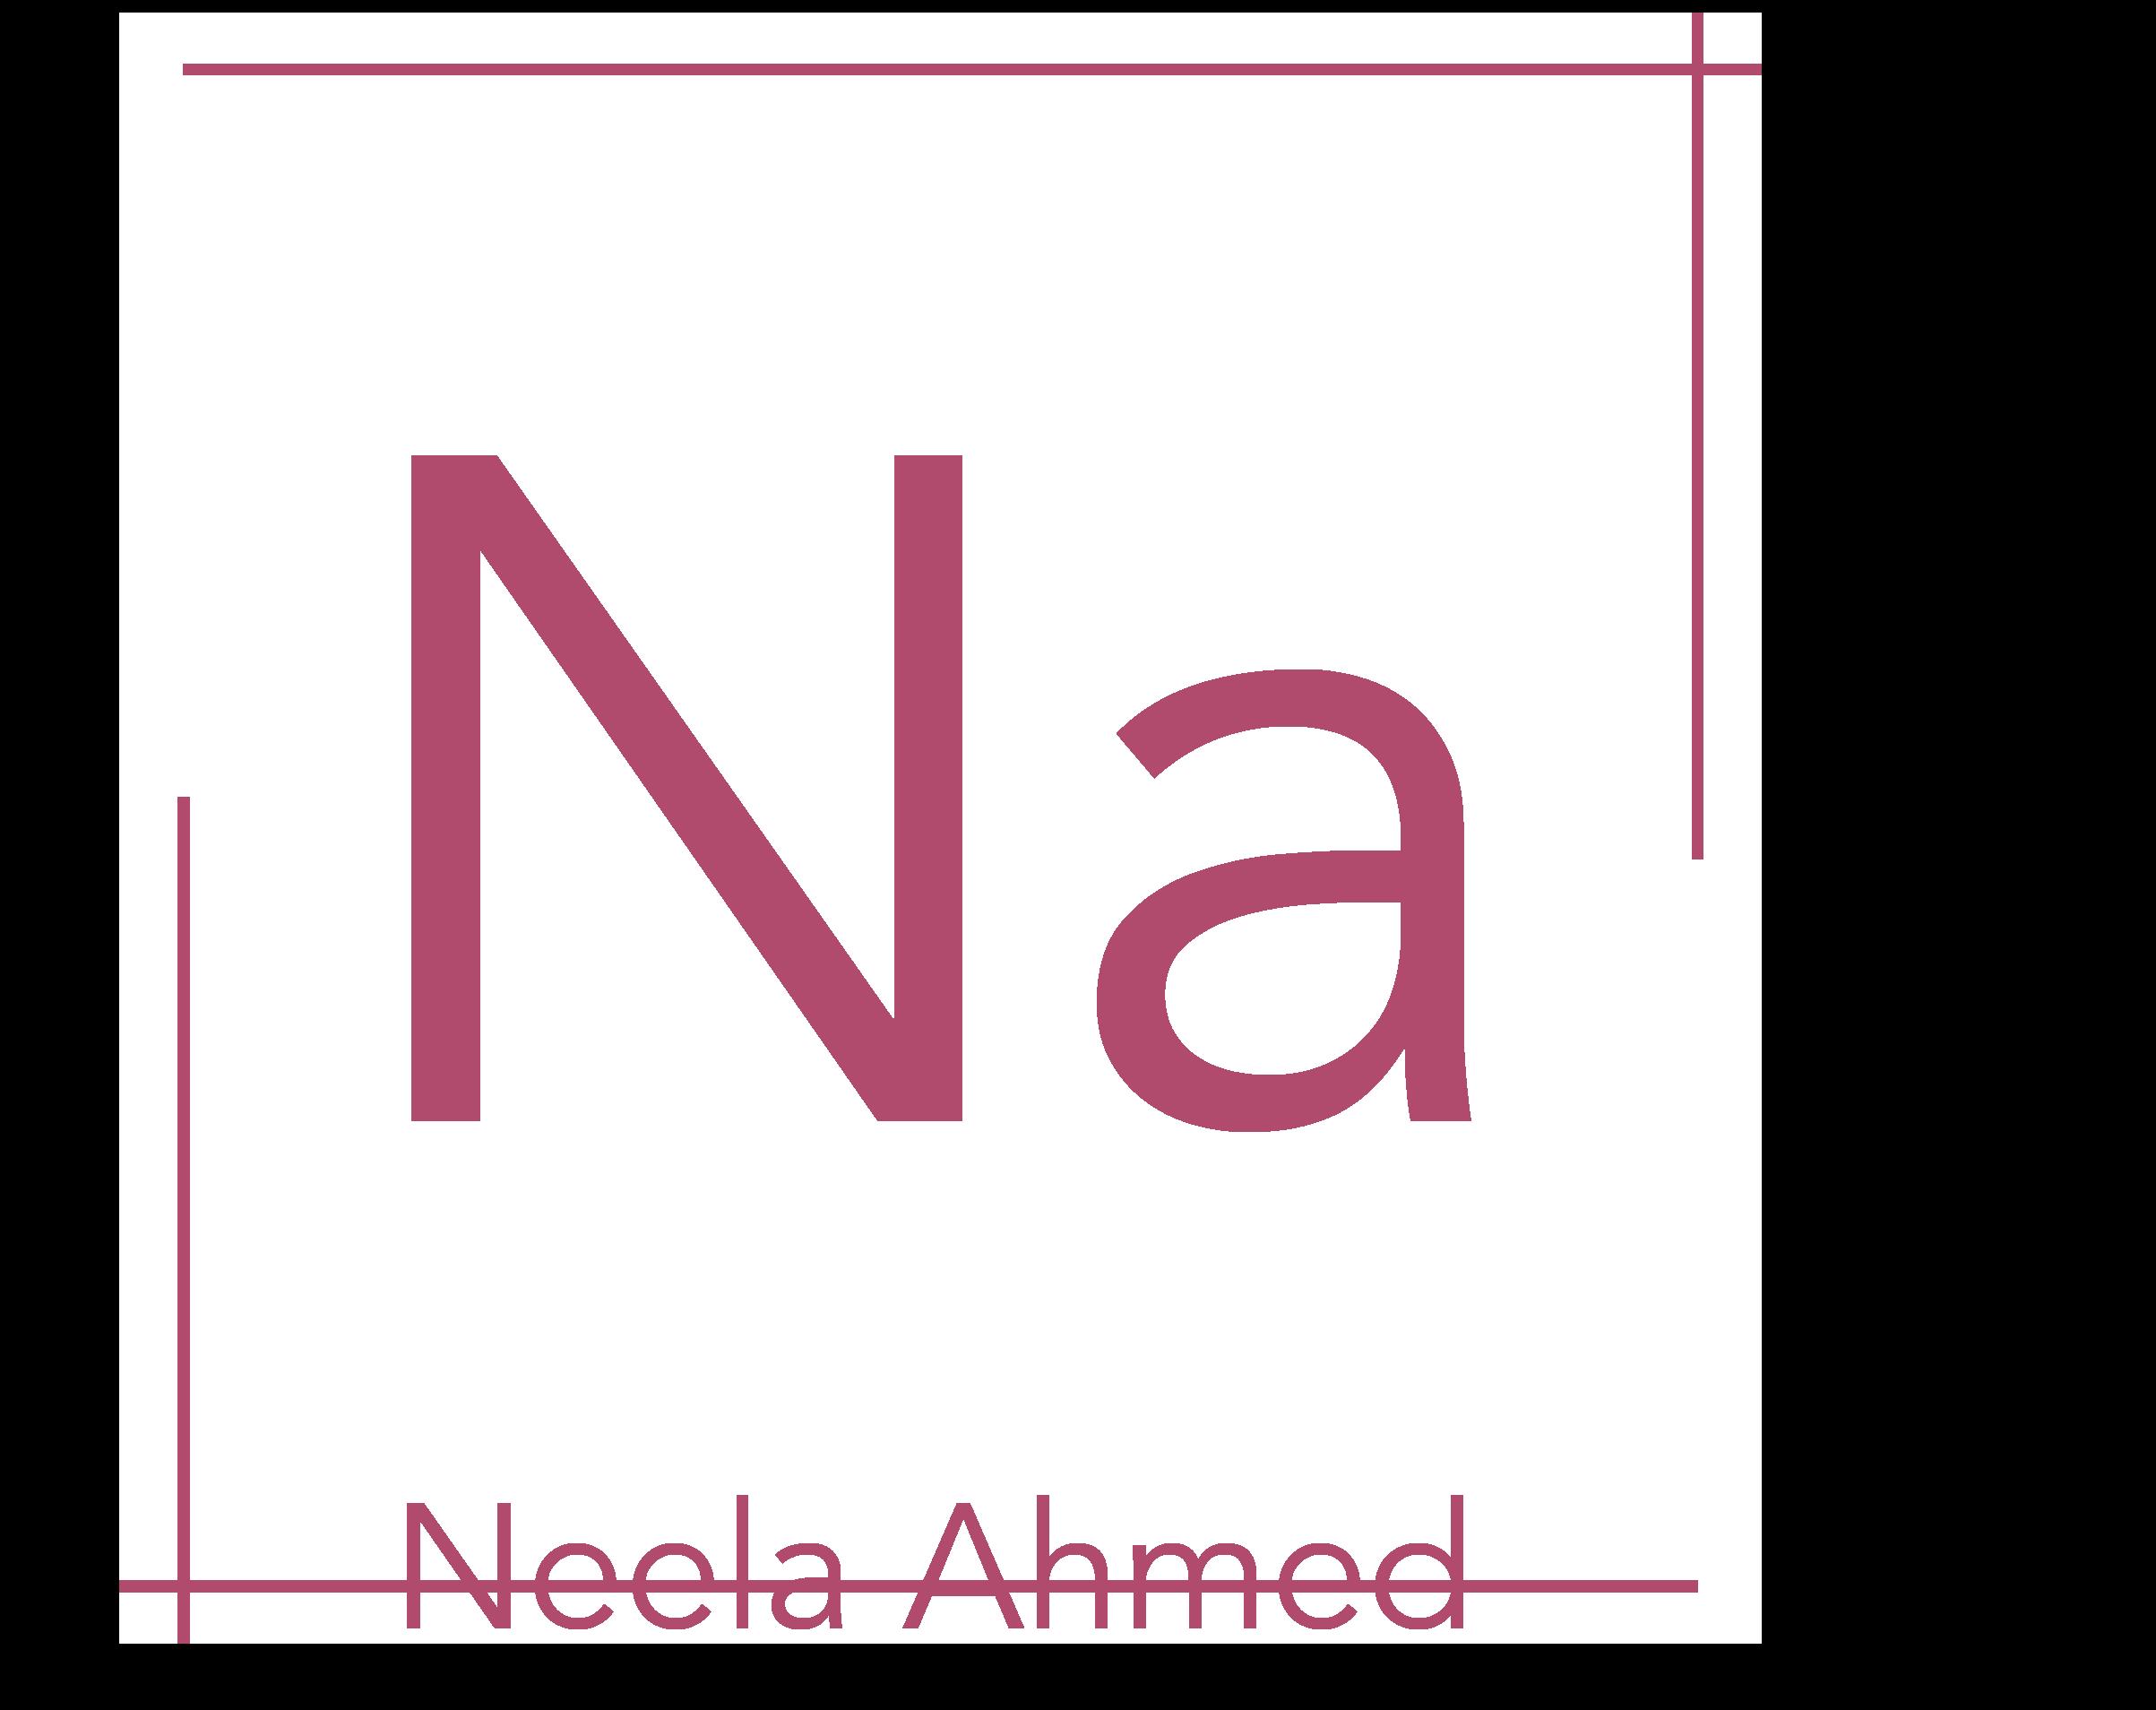 Neela Ahmed